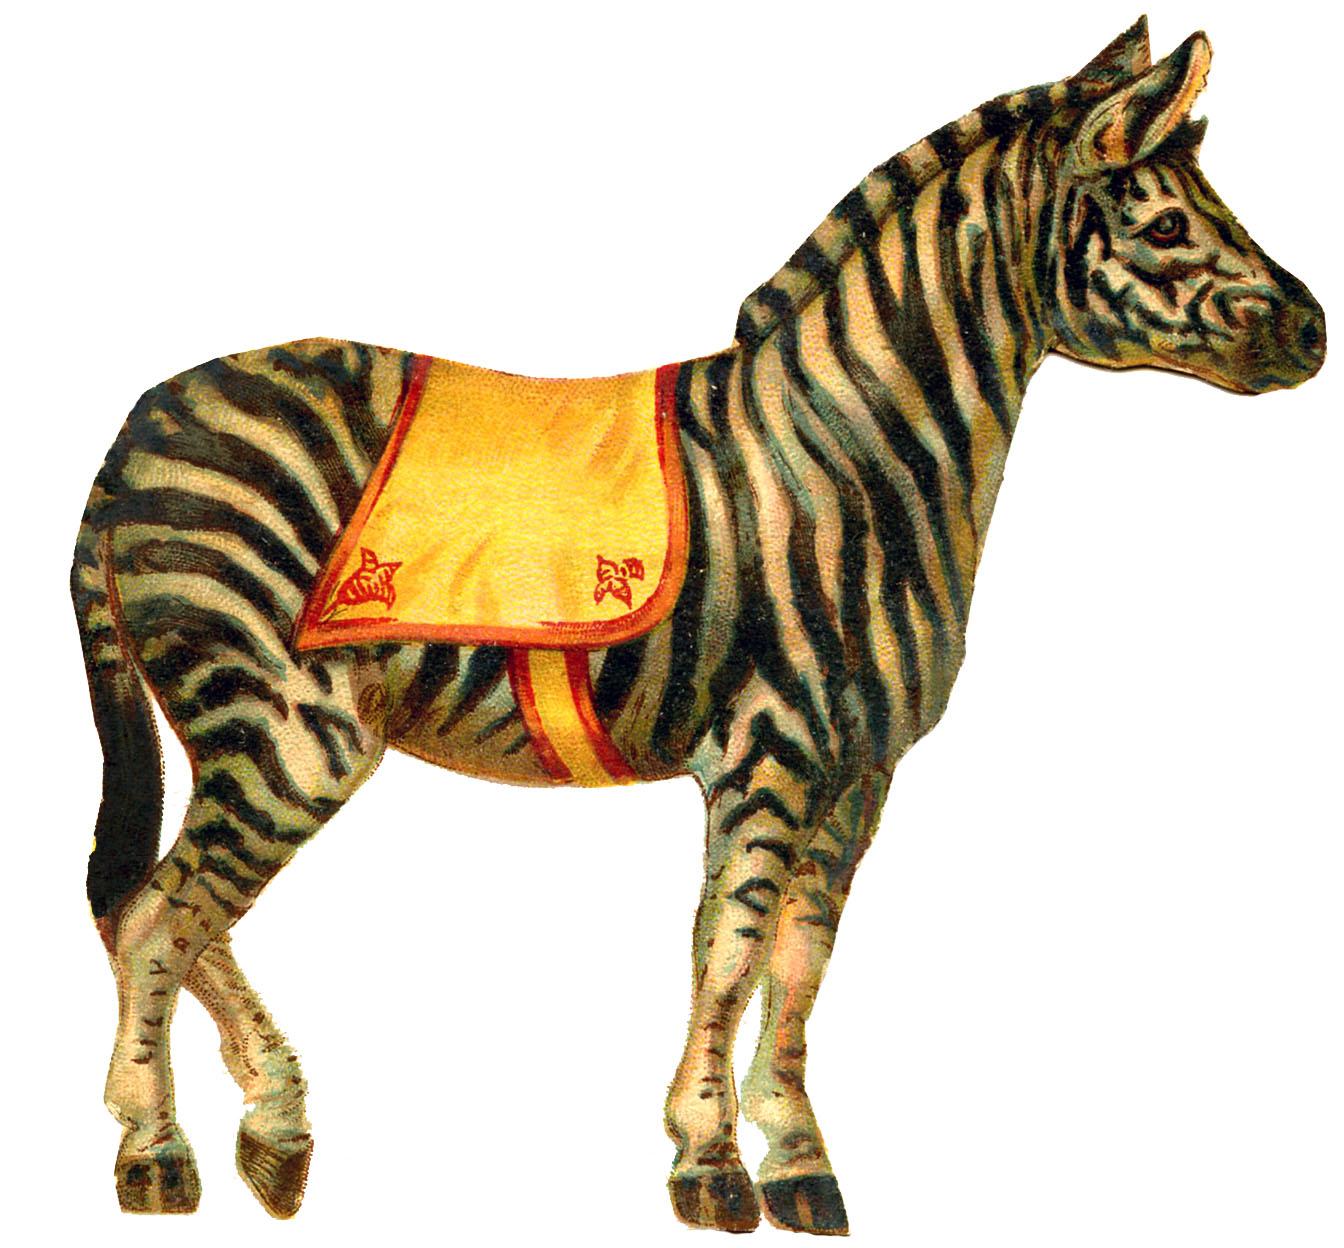 Vintage Graphic - Circus Zebra - The Graphics Fairy